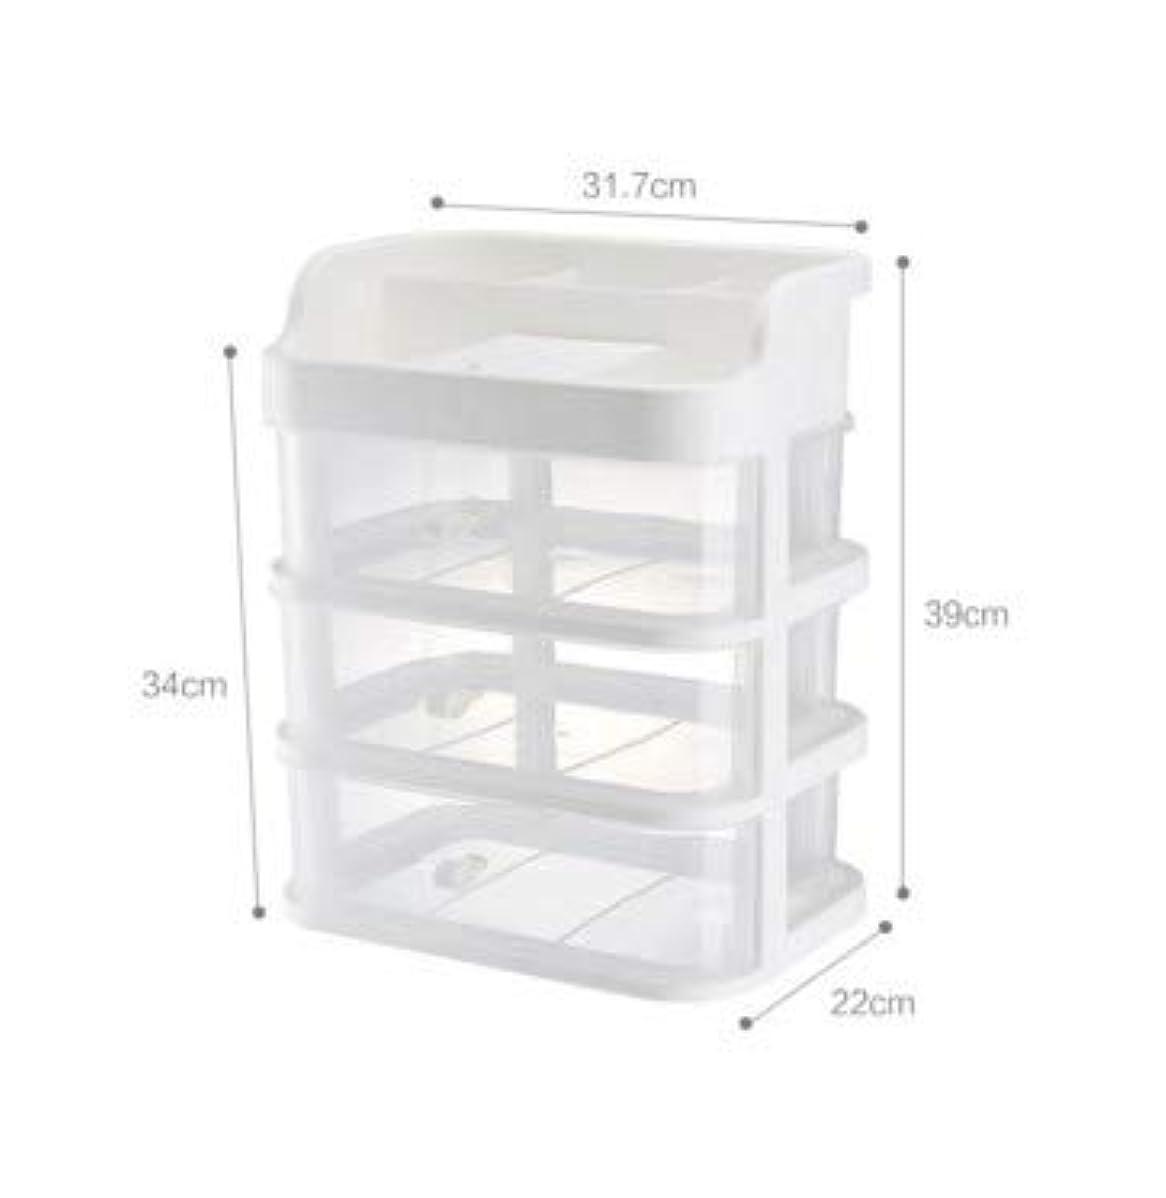 貸す戻す汚いミラー付きプリンセス化粧品収納ボックス多層収納ラックスキンケアデスクトップ収納ジュエリー統合収納ボックス (Size : L)